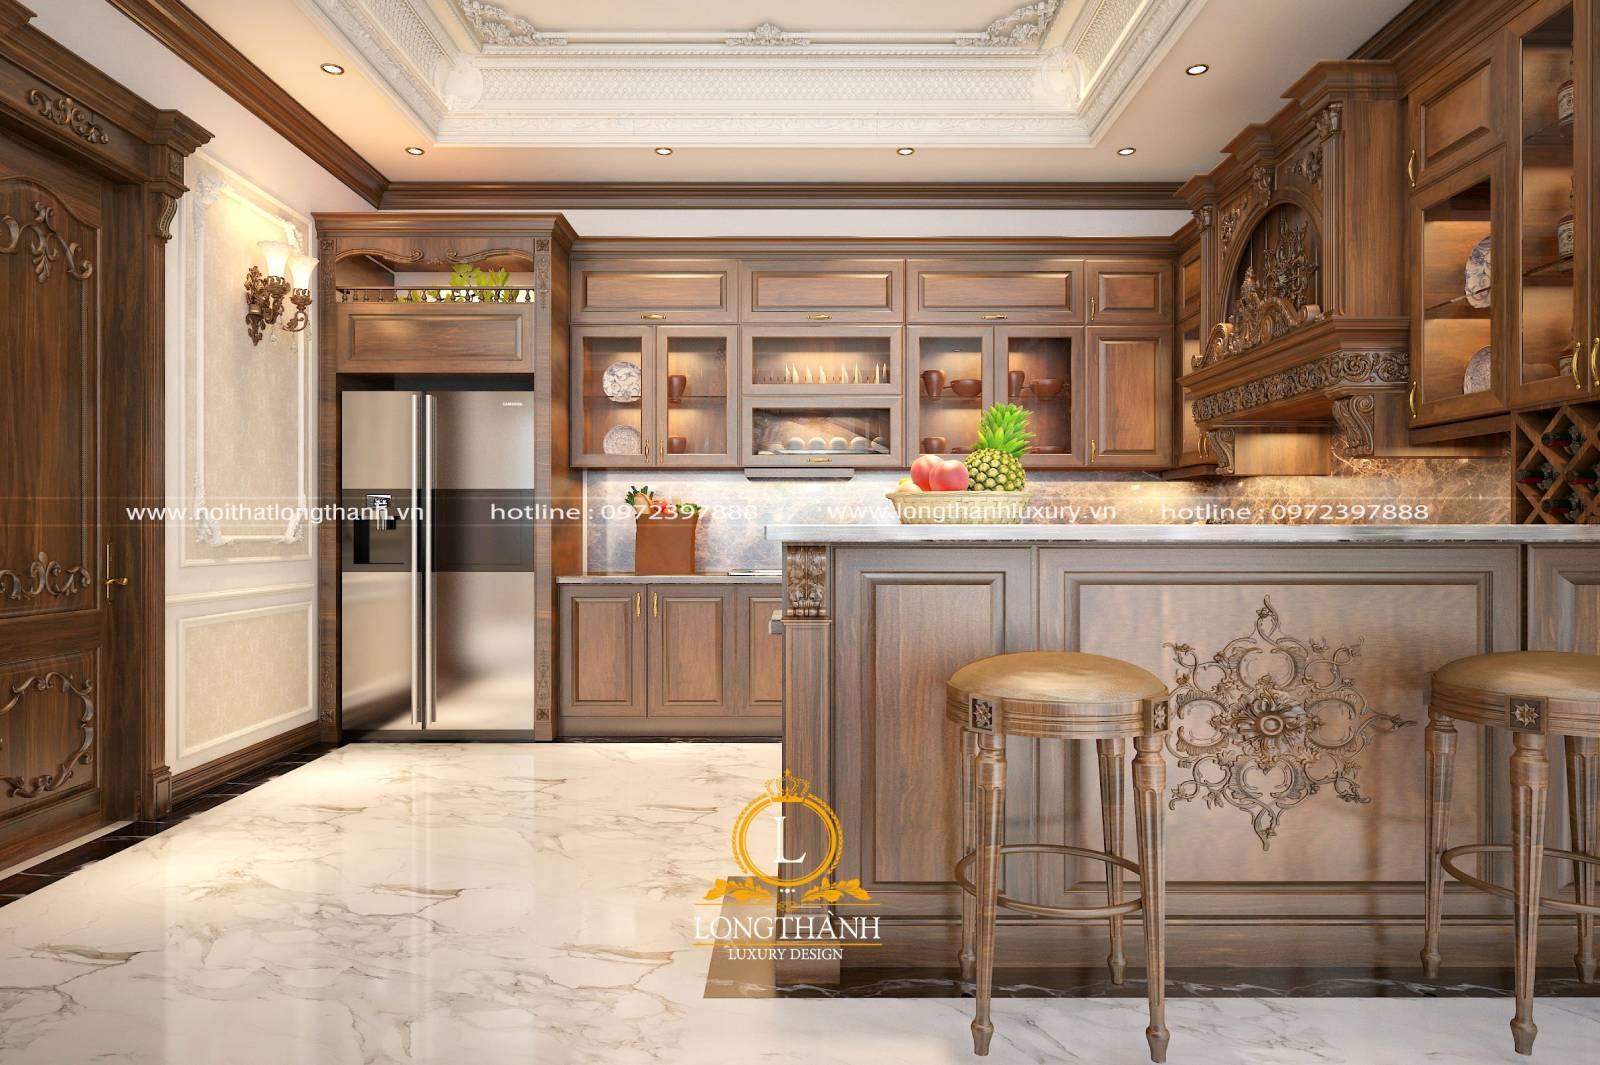 Thiết kế tủ bếp gỗ Gõ hình chữ U cho nhà biệt thự rộng